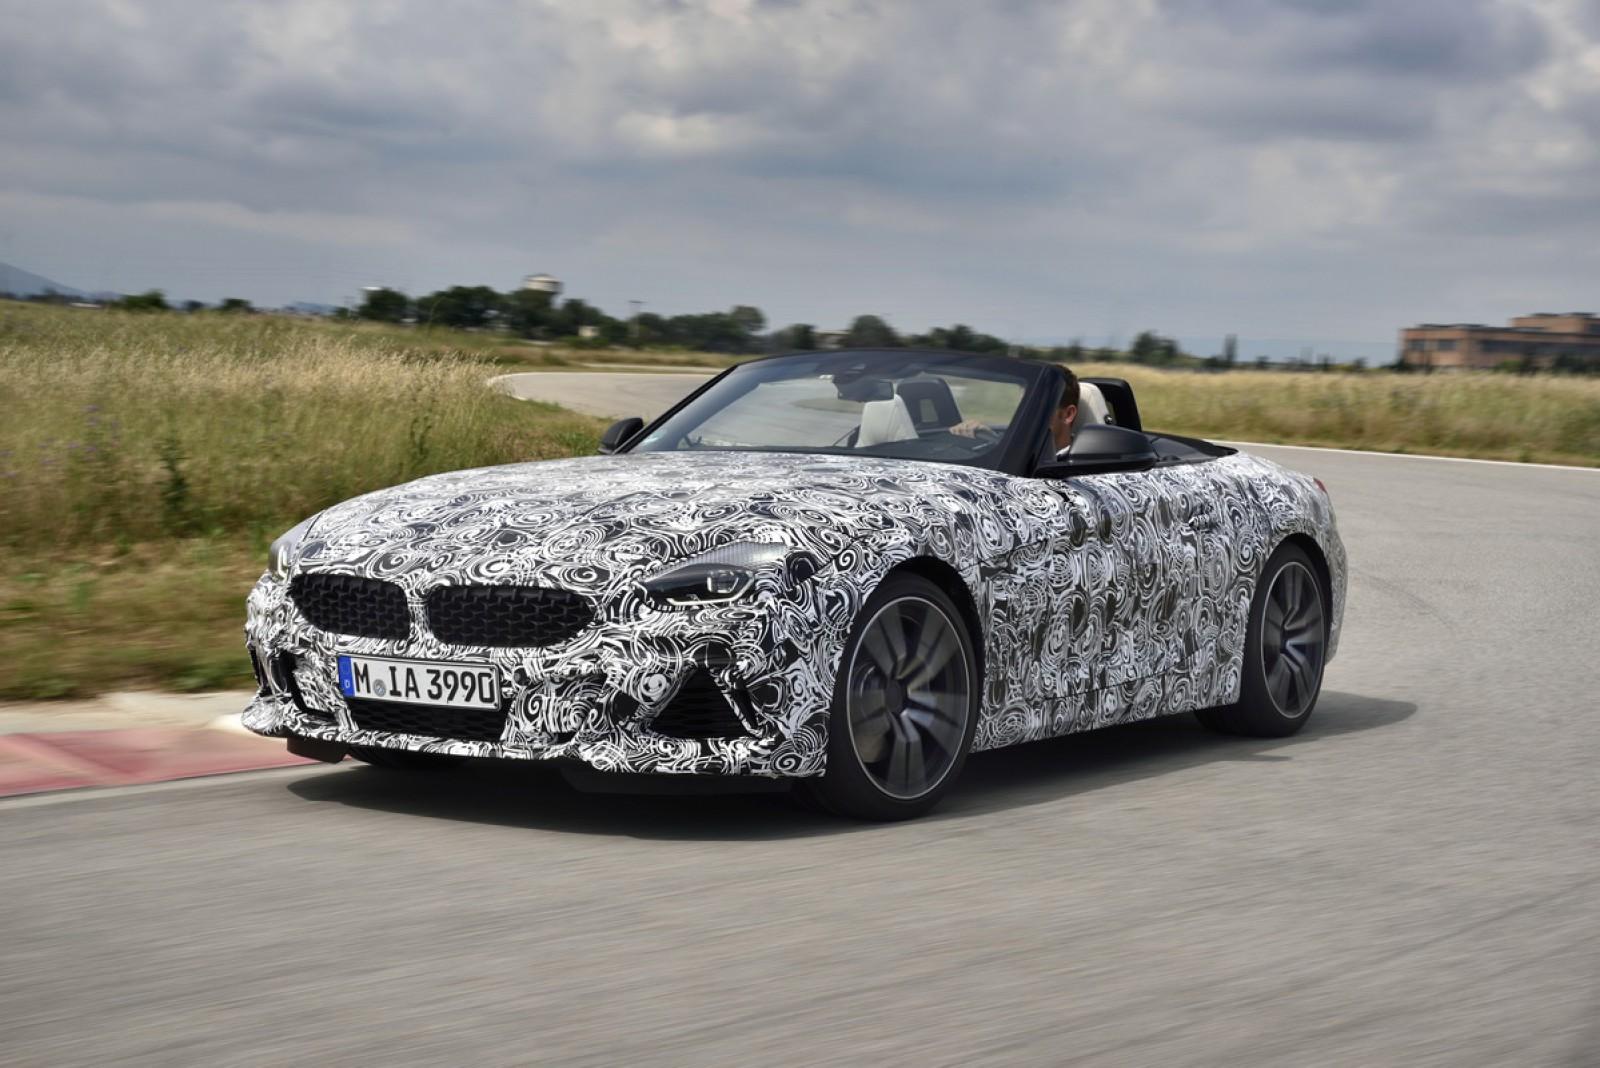 (foto) Noul BMW Z4 debutează în acest an la Pebble Beach. Iată cum arată pe nişte schiţe brevetate